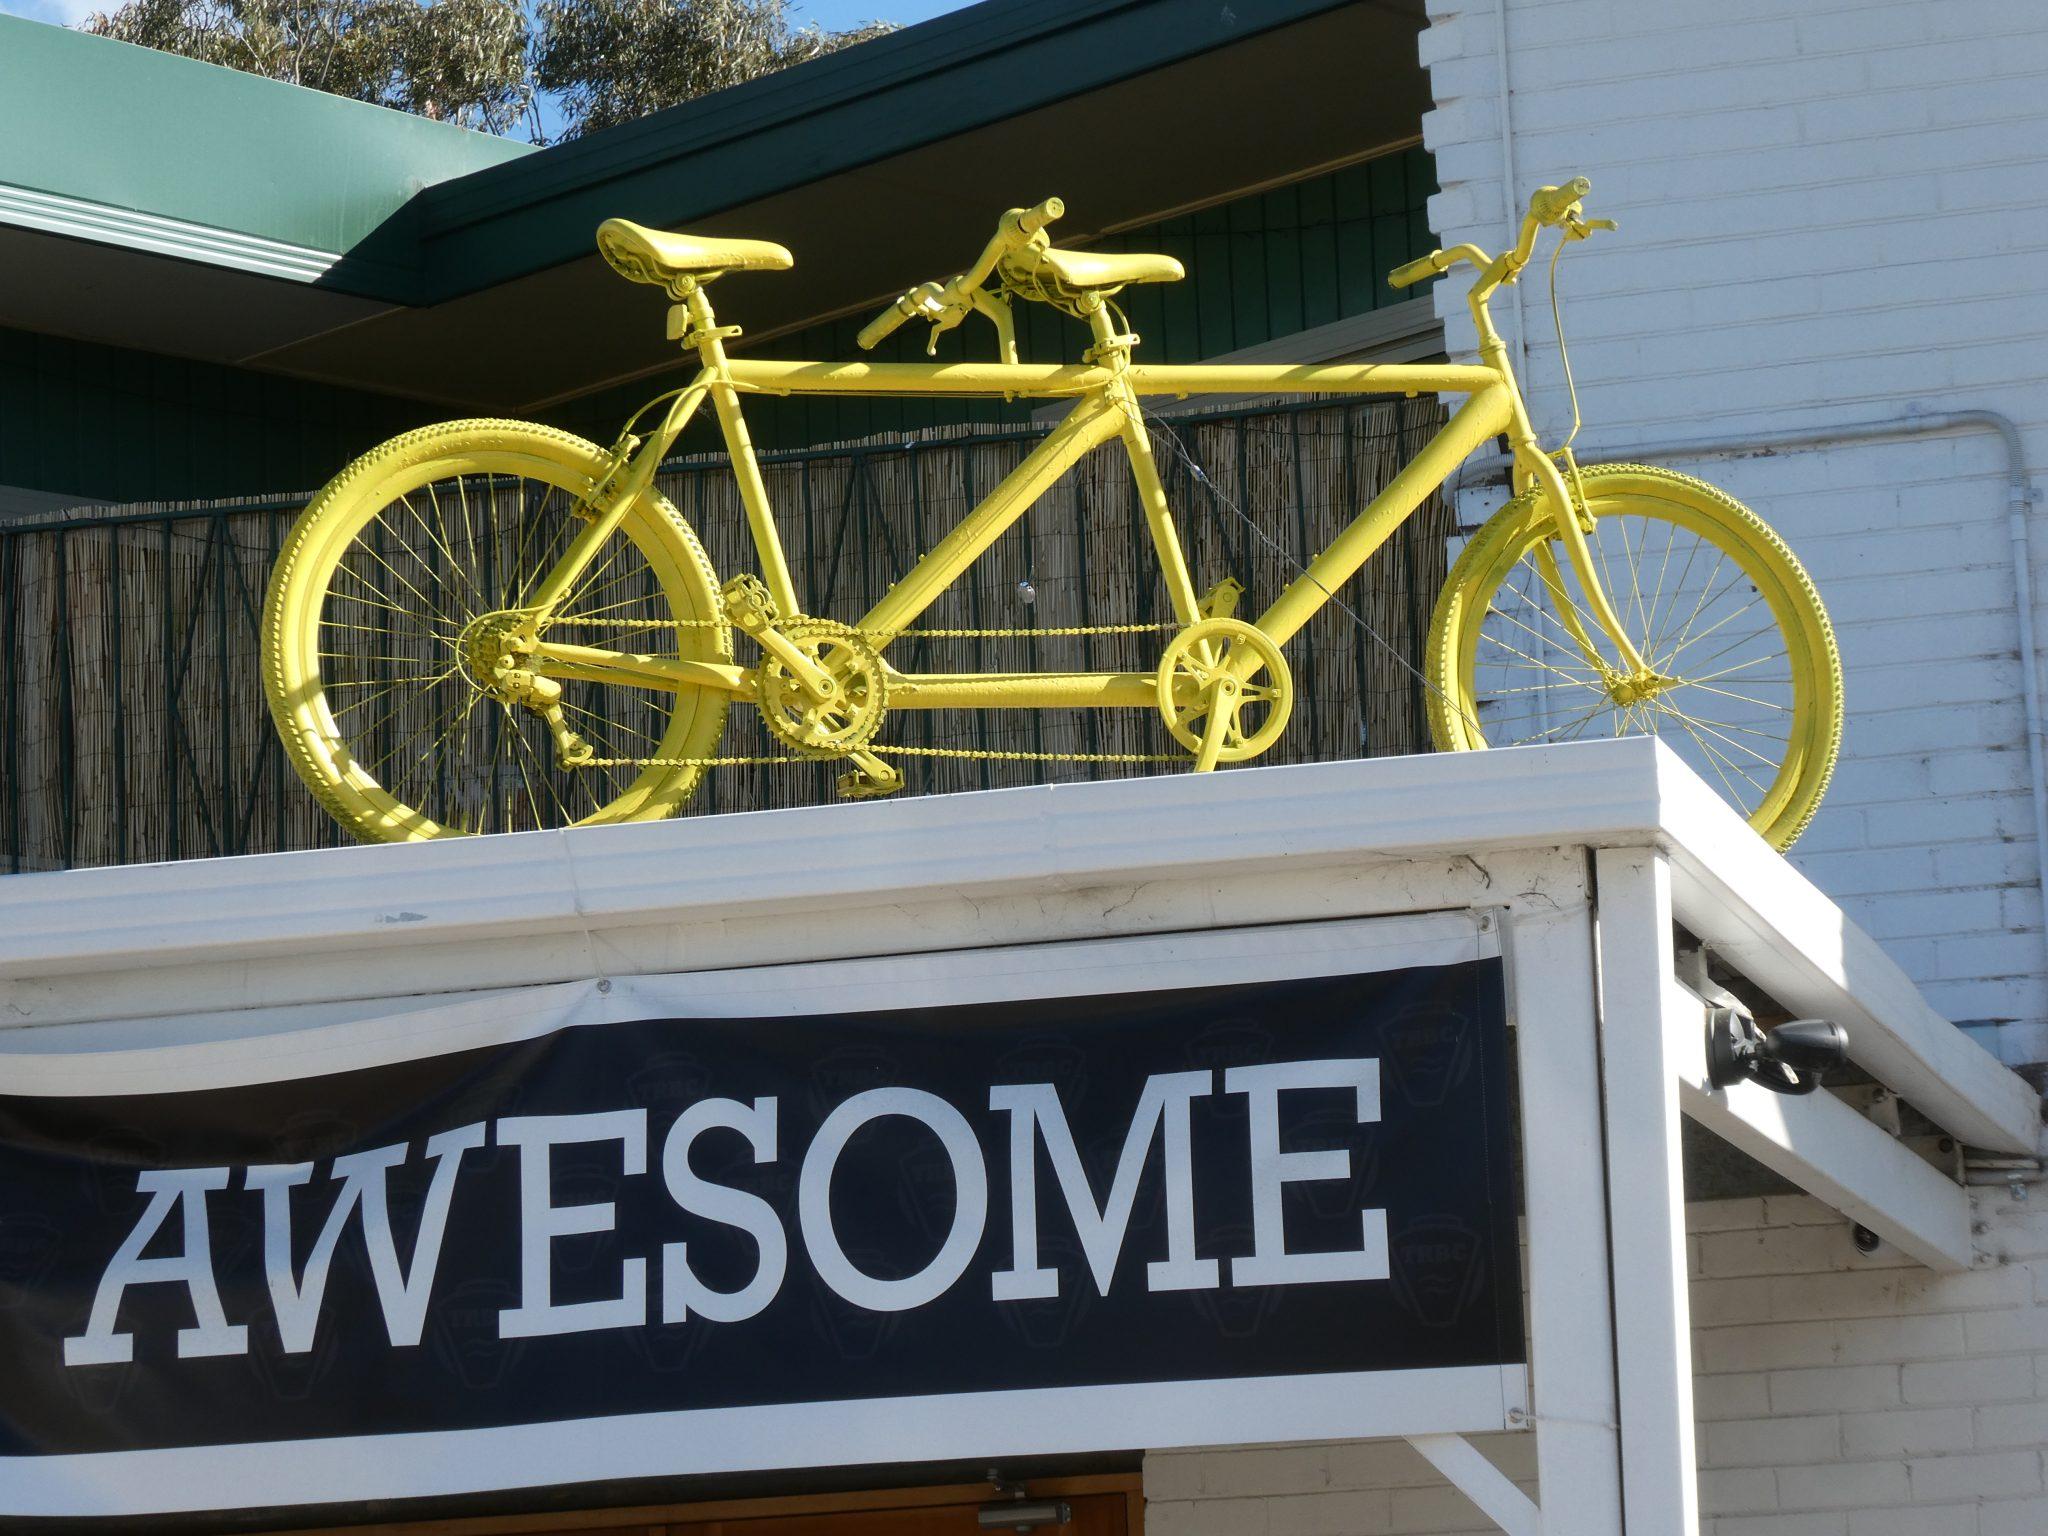 Yellow bike on roof